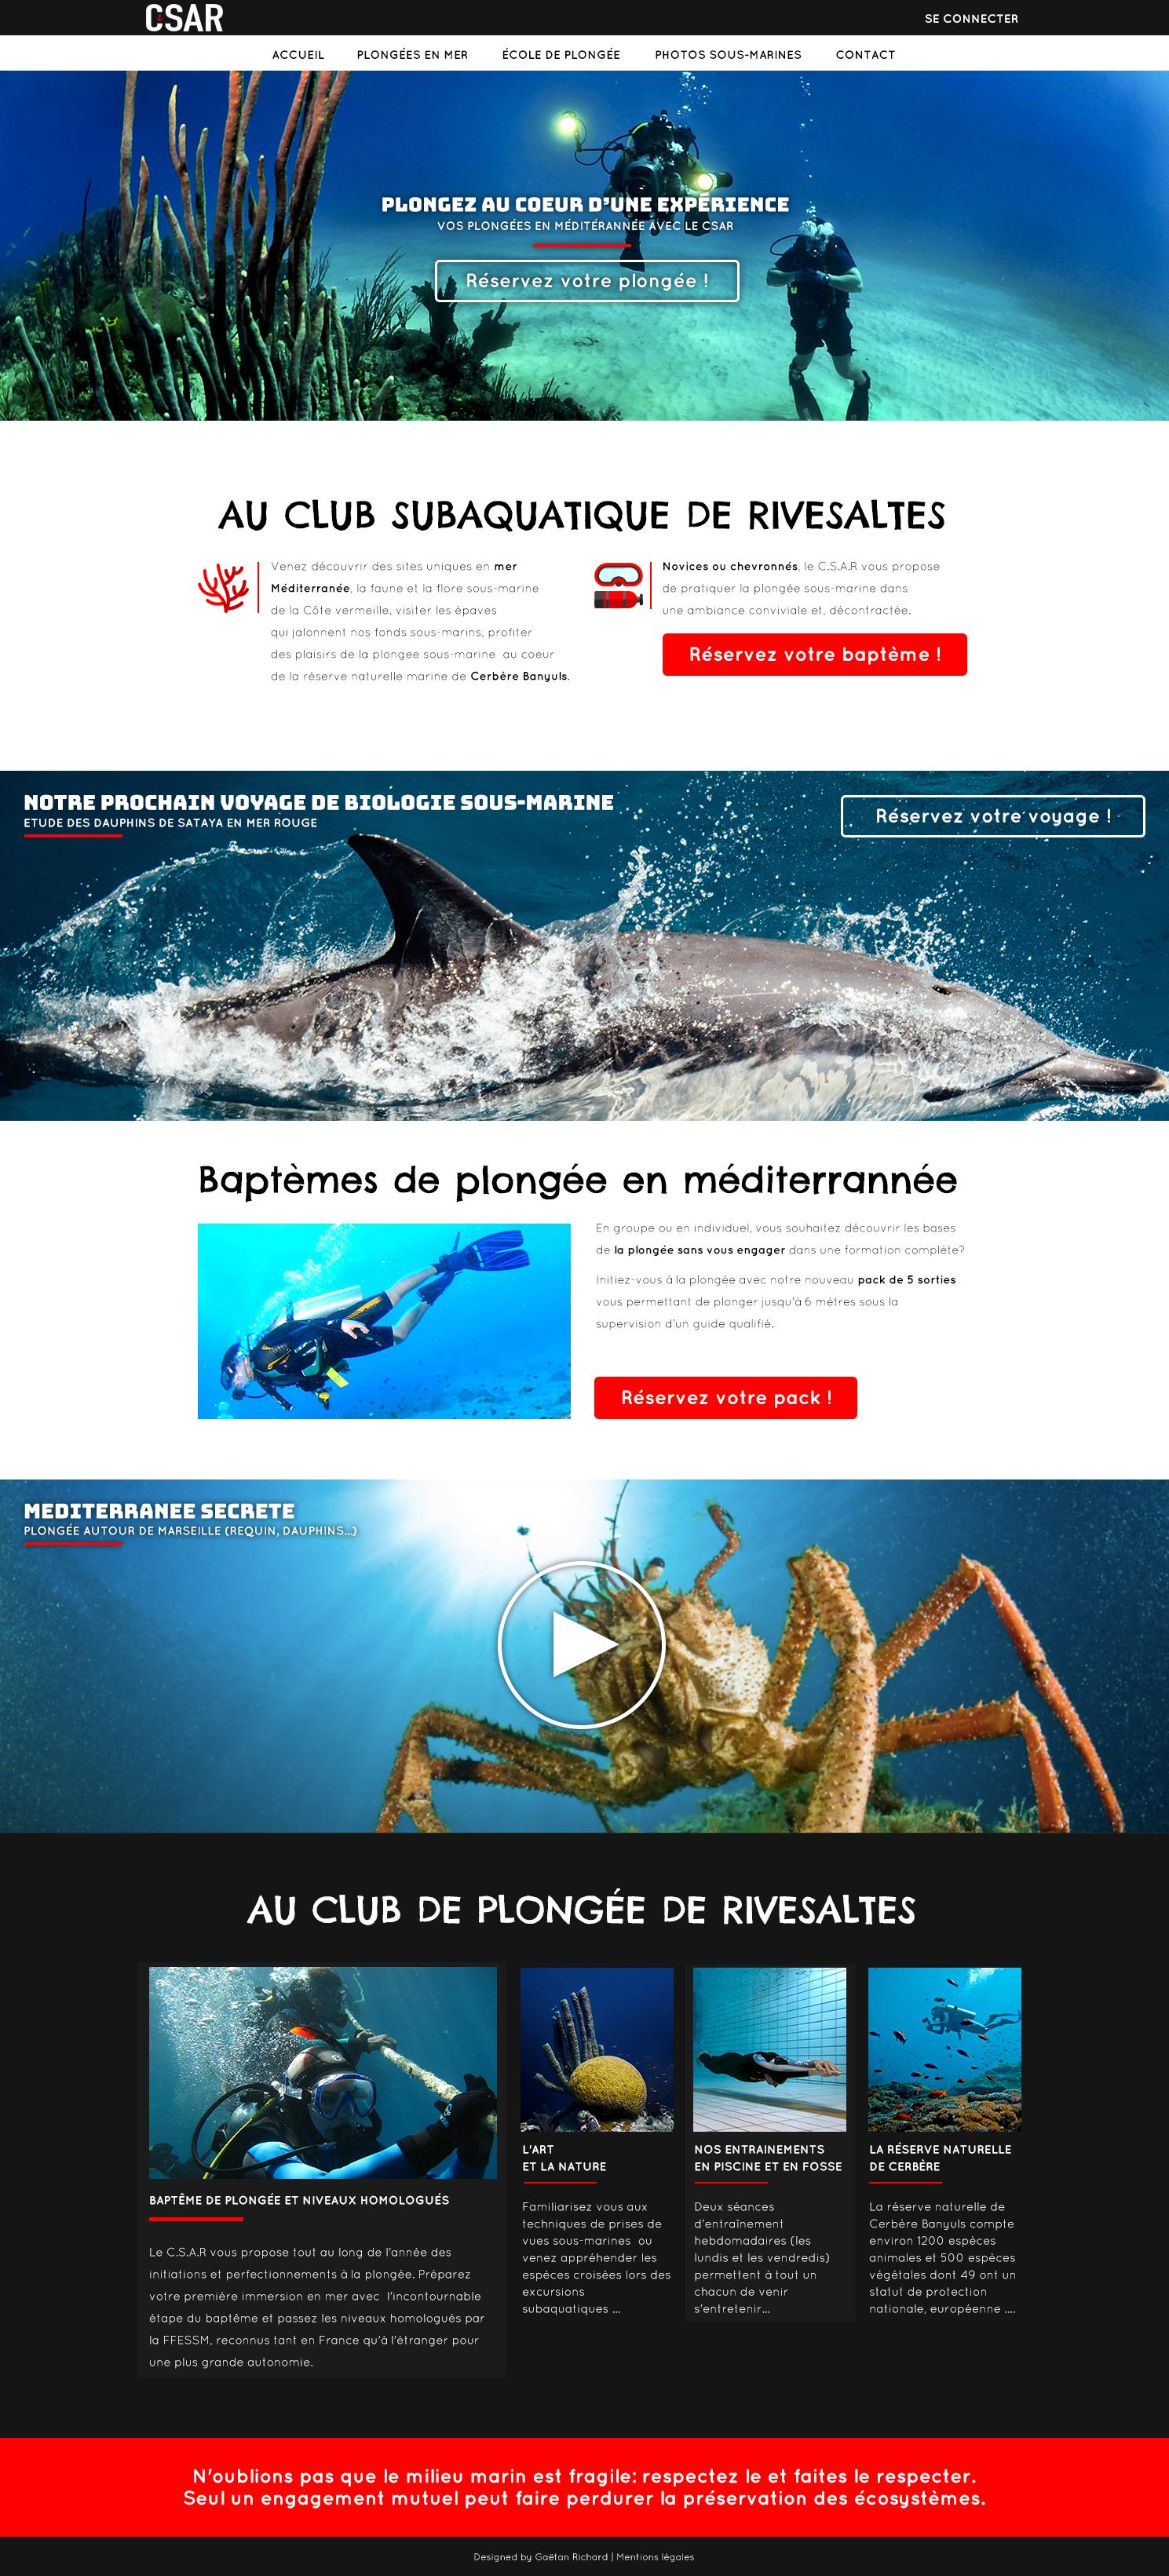 Aperçu du site sur un macbook